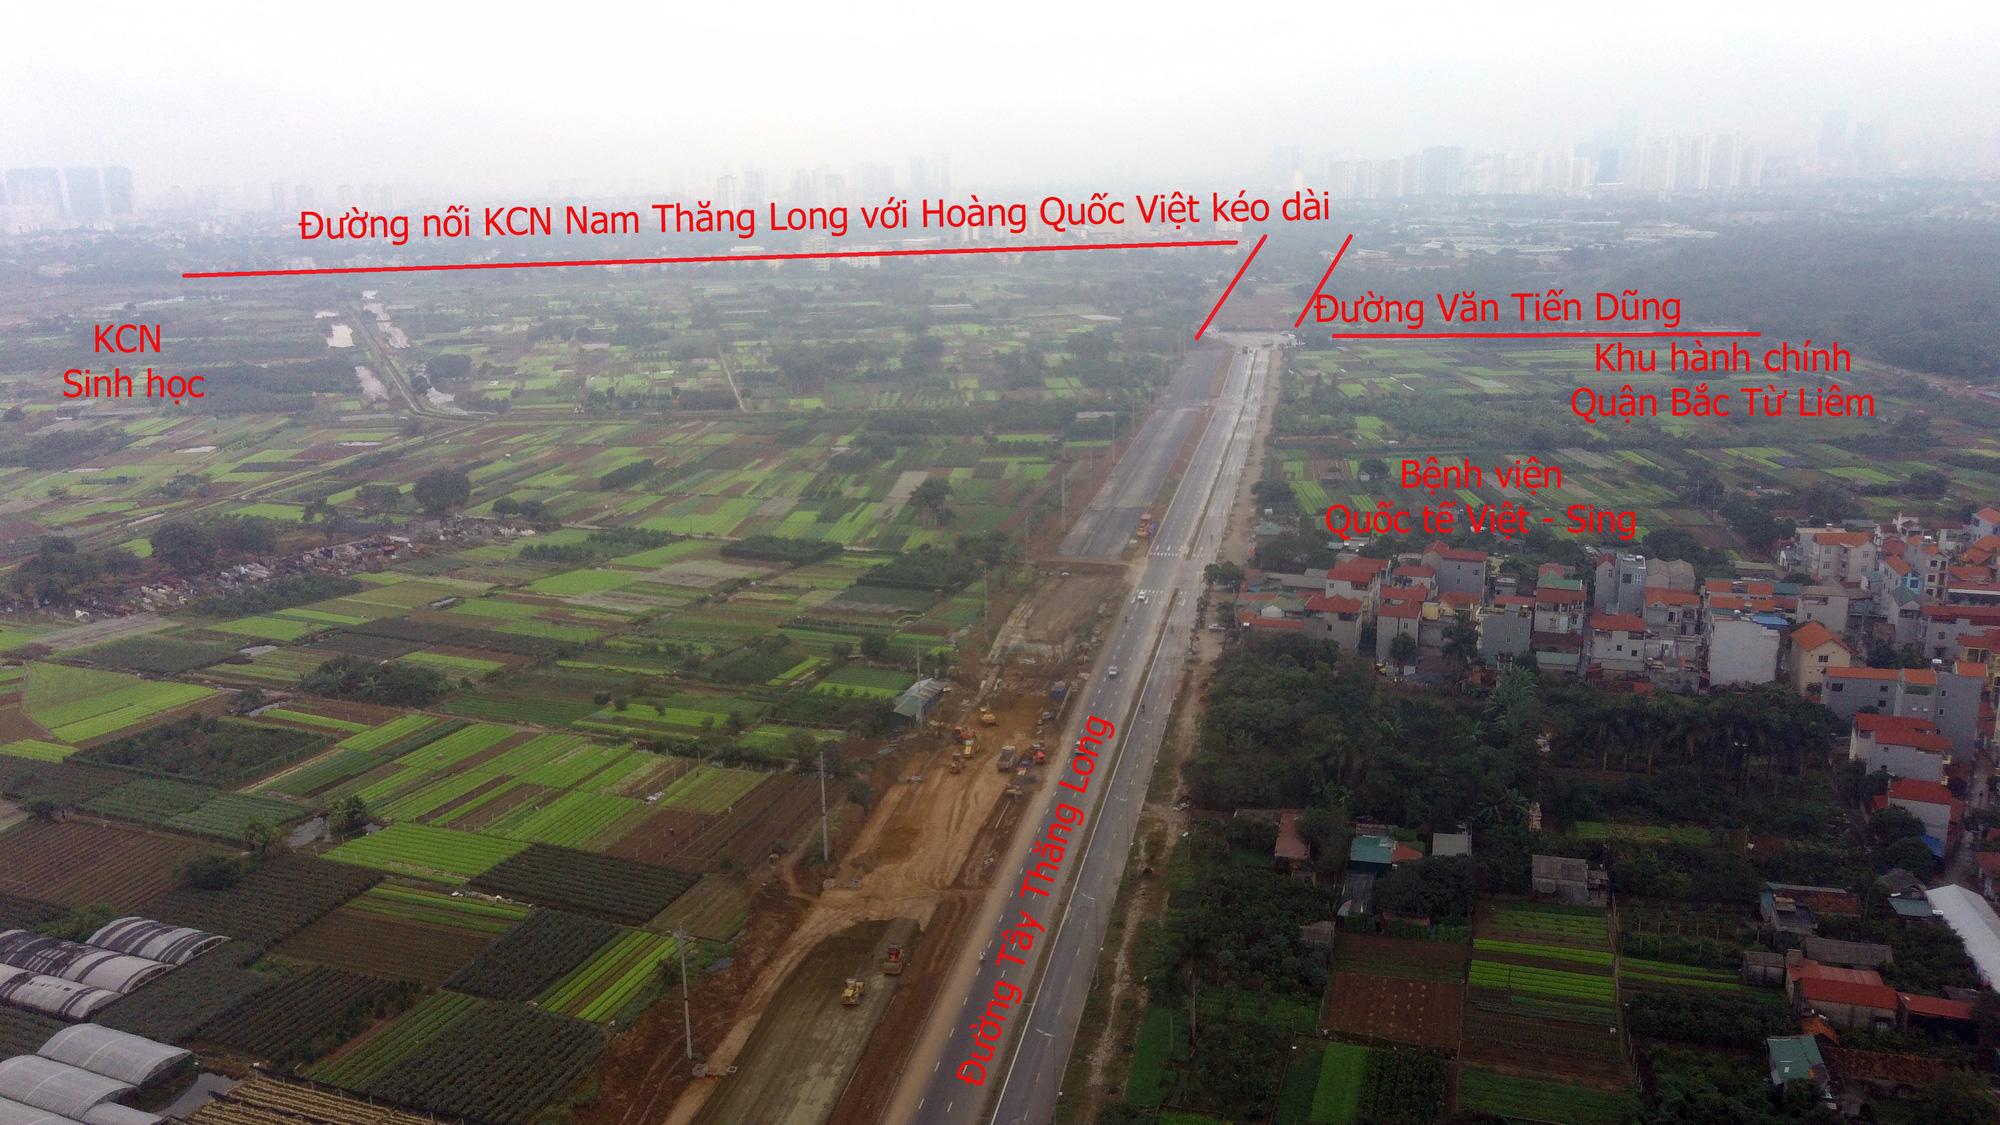 Những dự án 'đón' qui hoạch đường hướng tâm Tây Thăng Long từ Vành đai 4 đến hồ Tây - Ảnh 10.